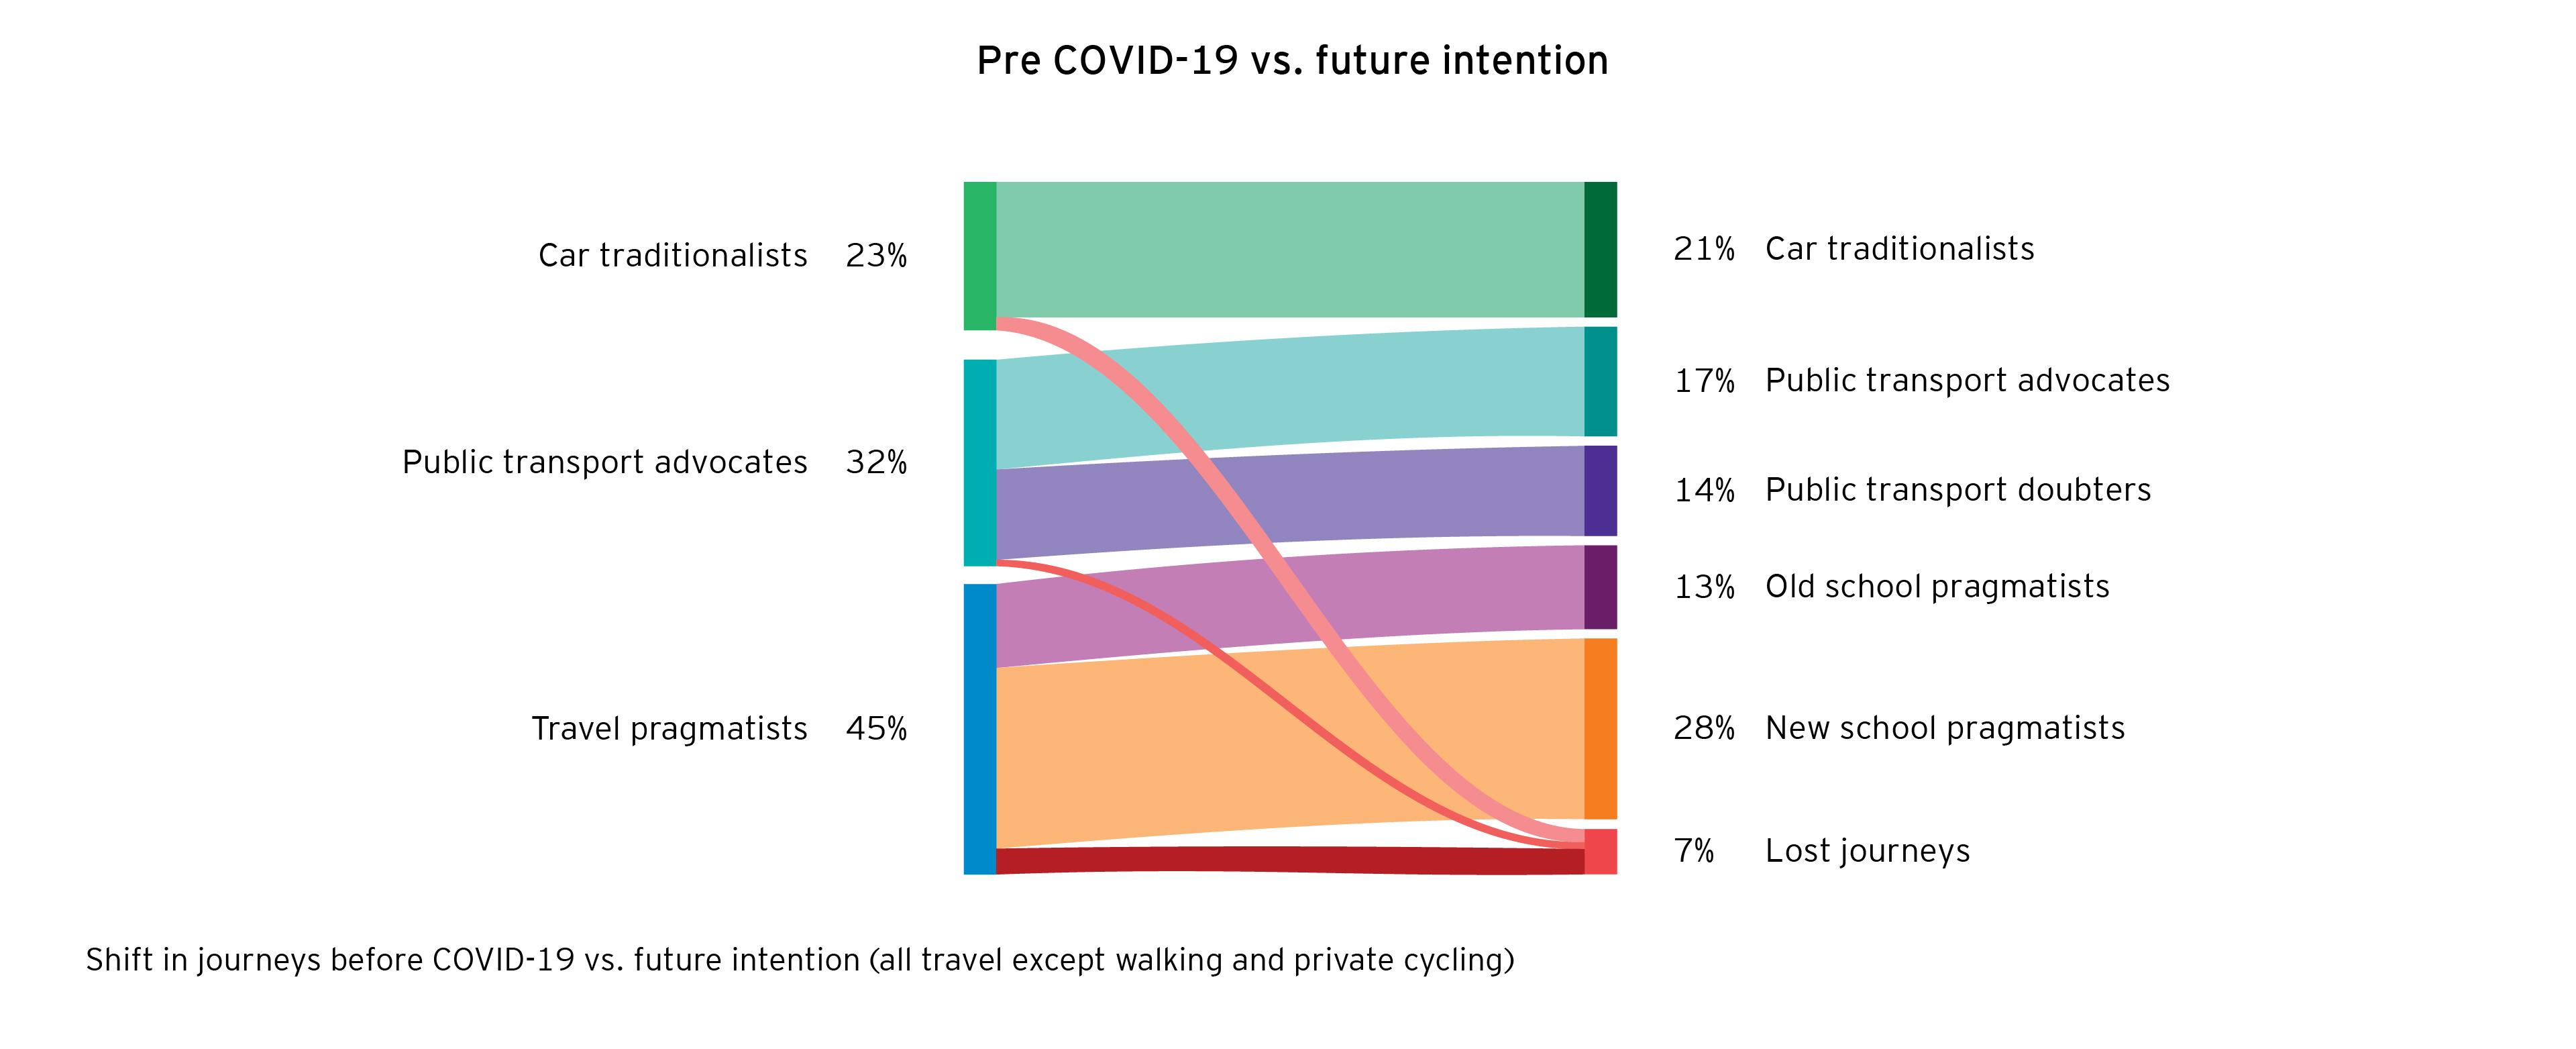 UK travel consumer segments pre COVID-19